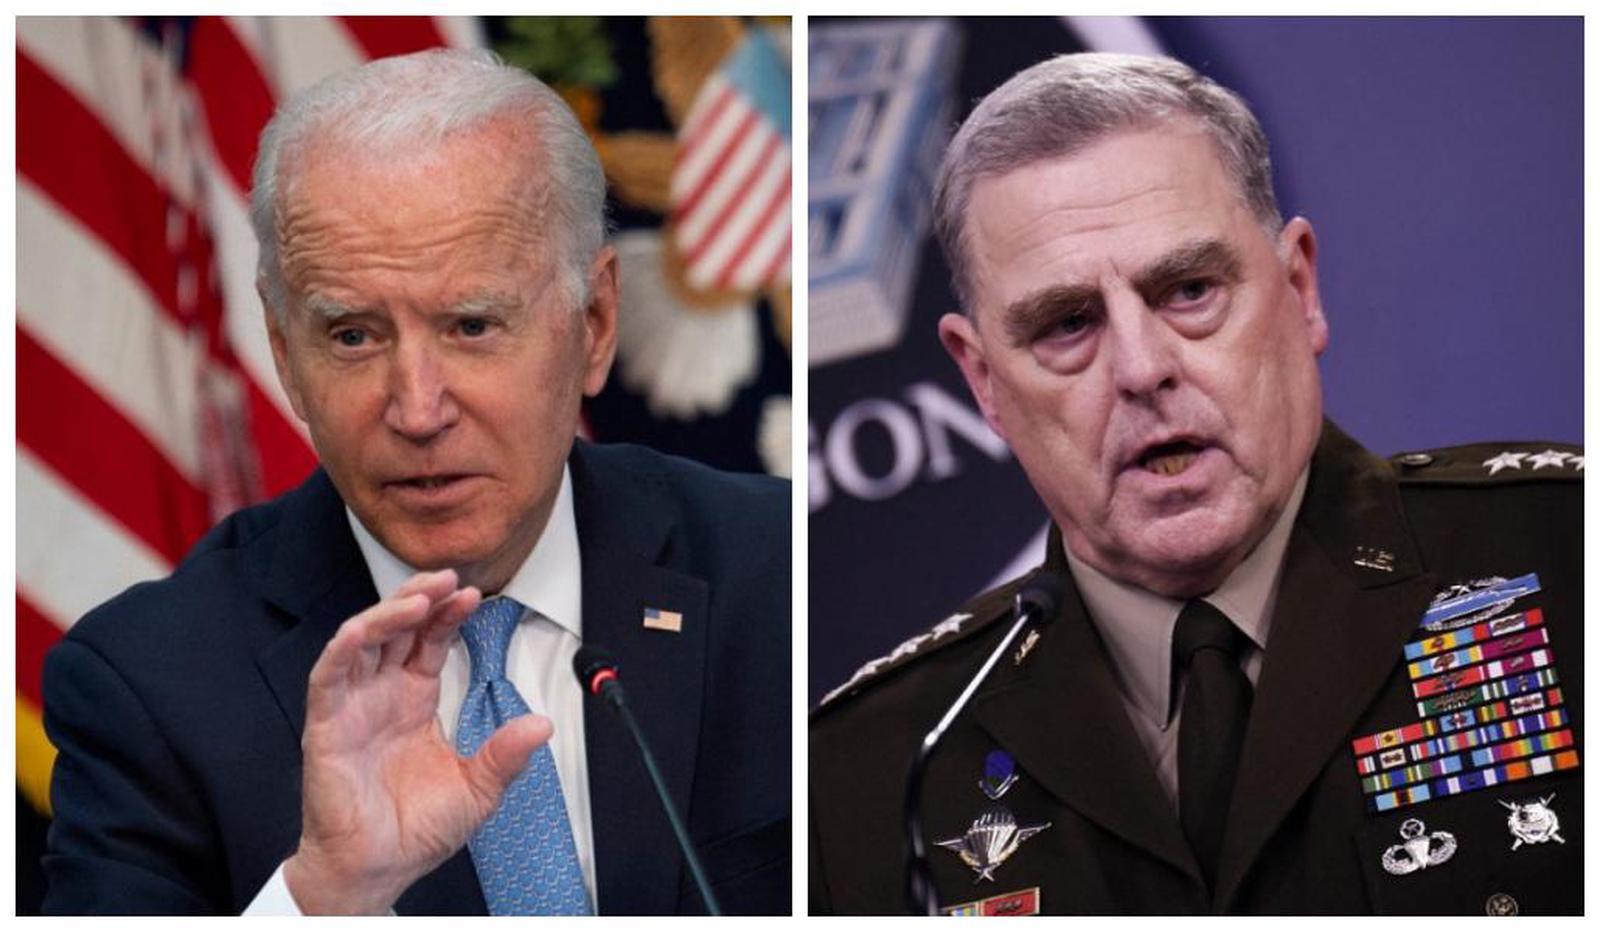 Etats-Unis : le président Biden prend parti pour son chef d'état-major